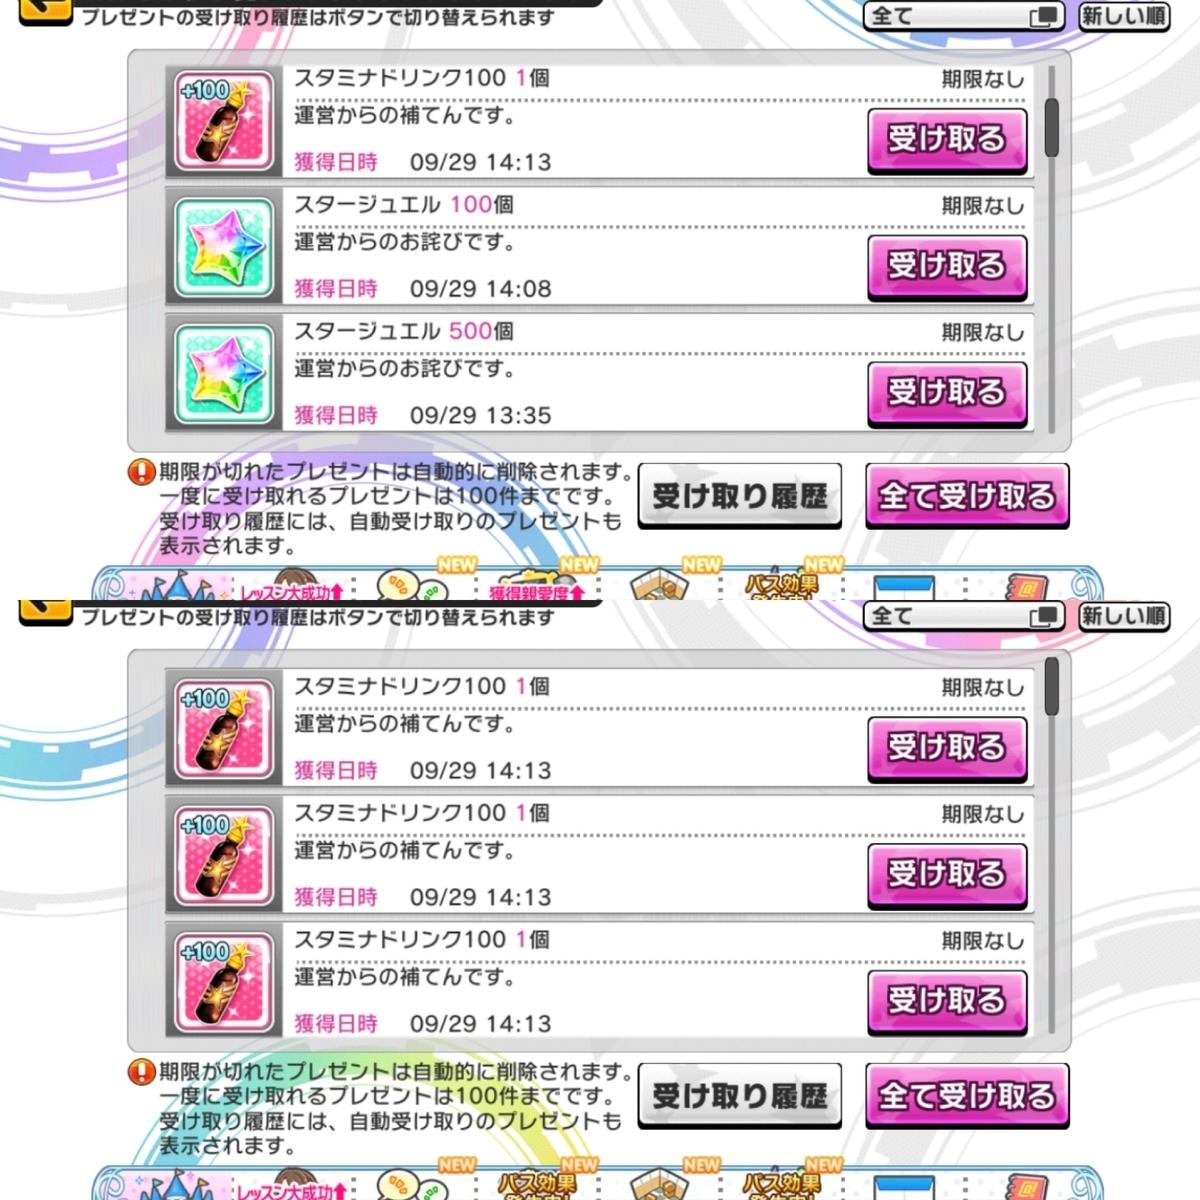 f:id:Kotoha-P_mtf:20211011184836j:plain